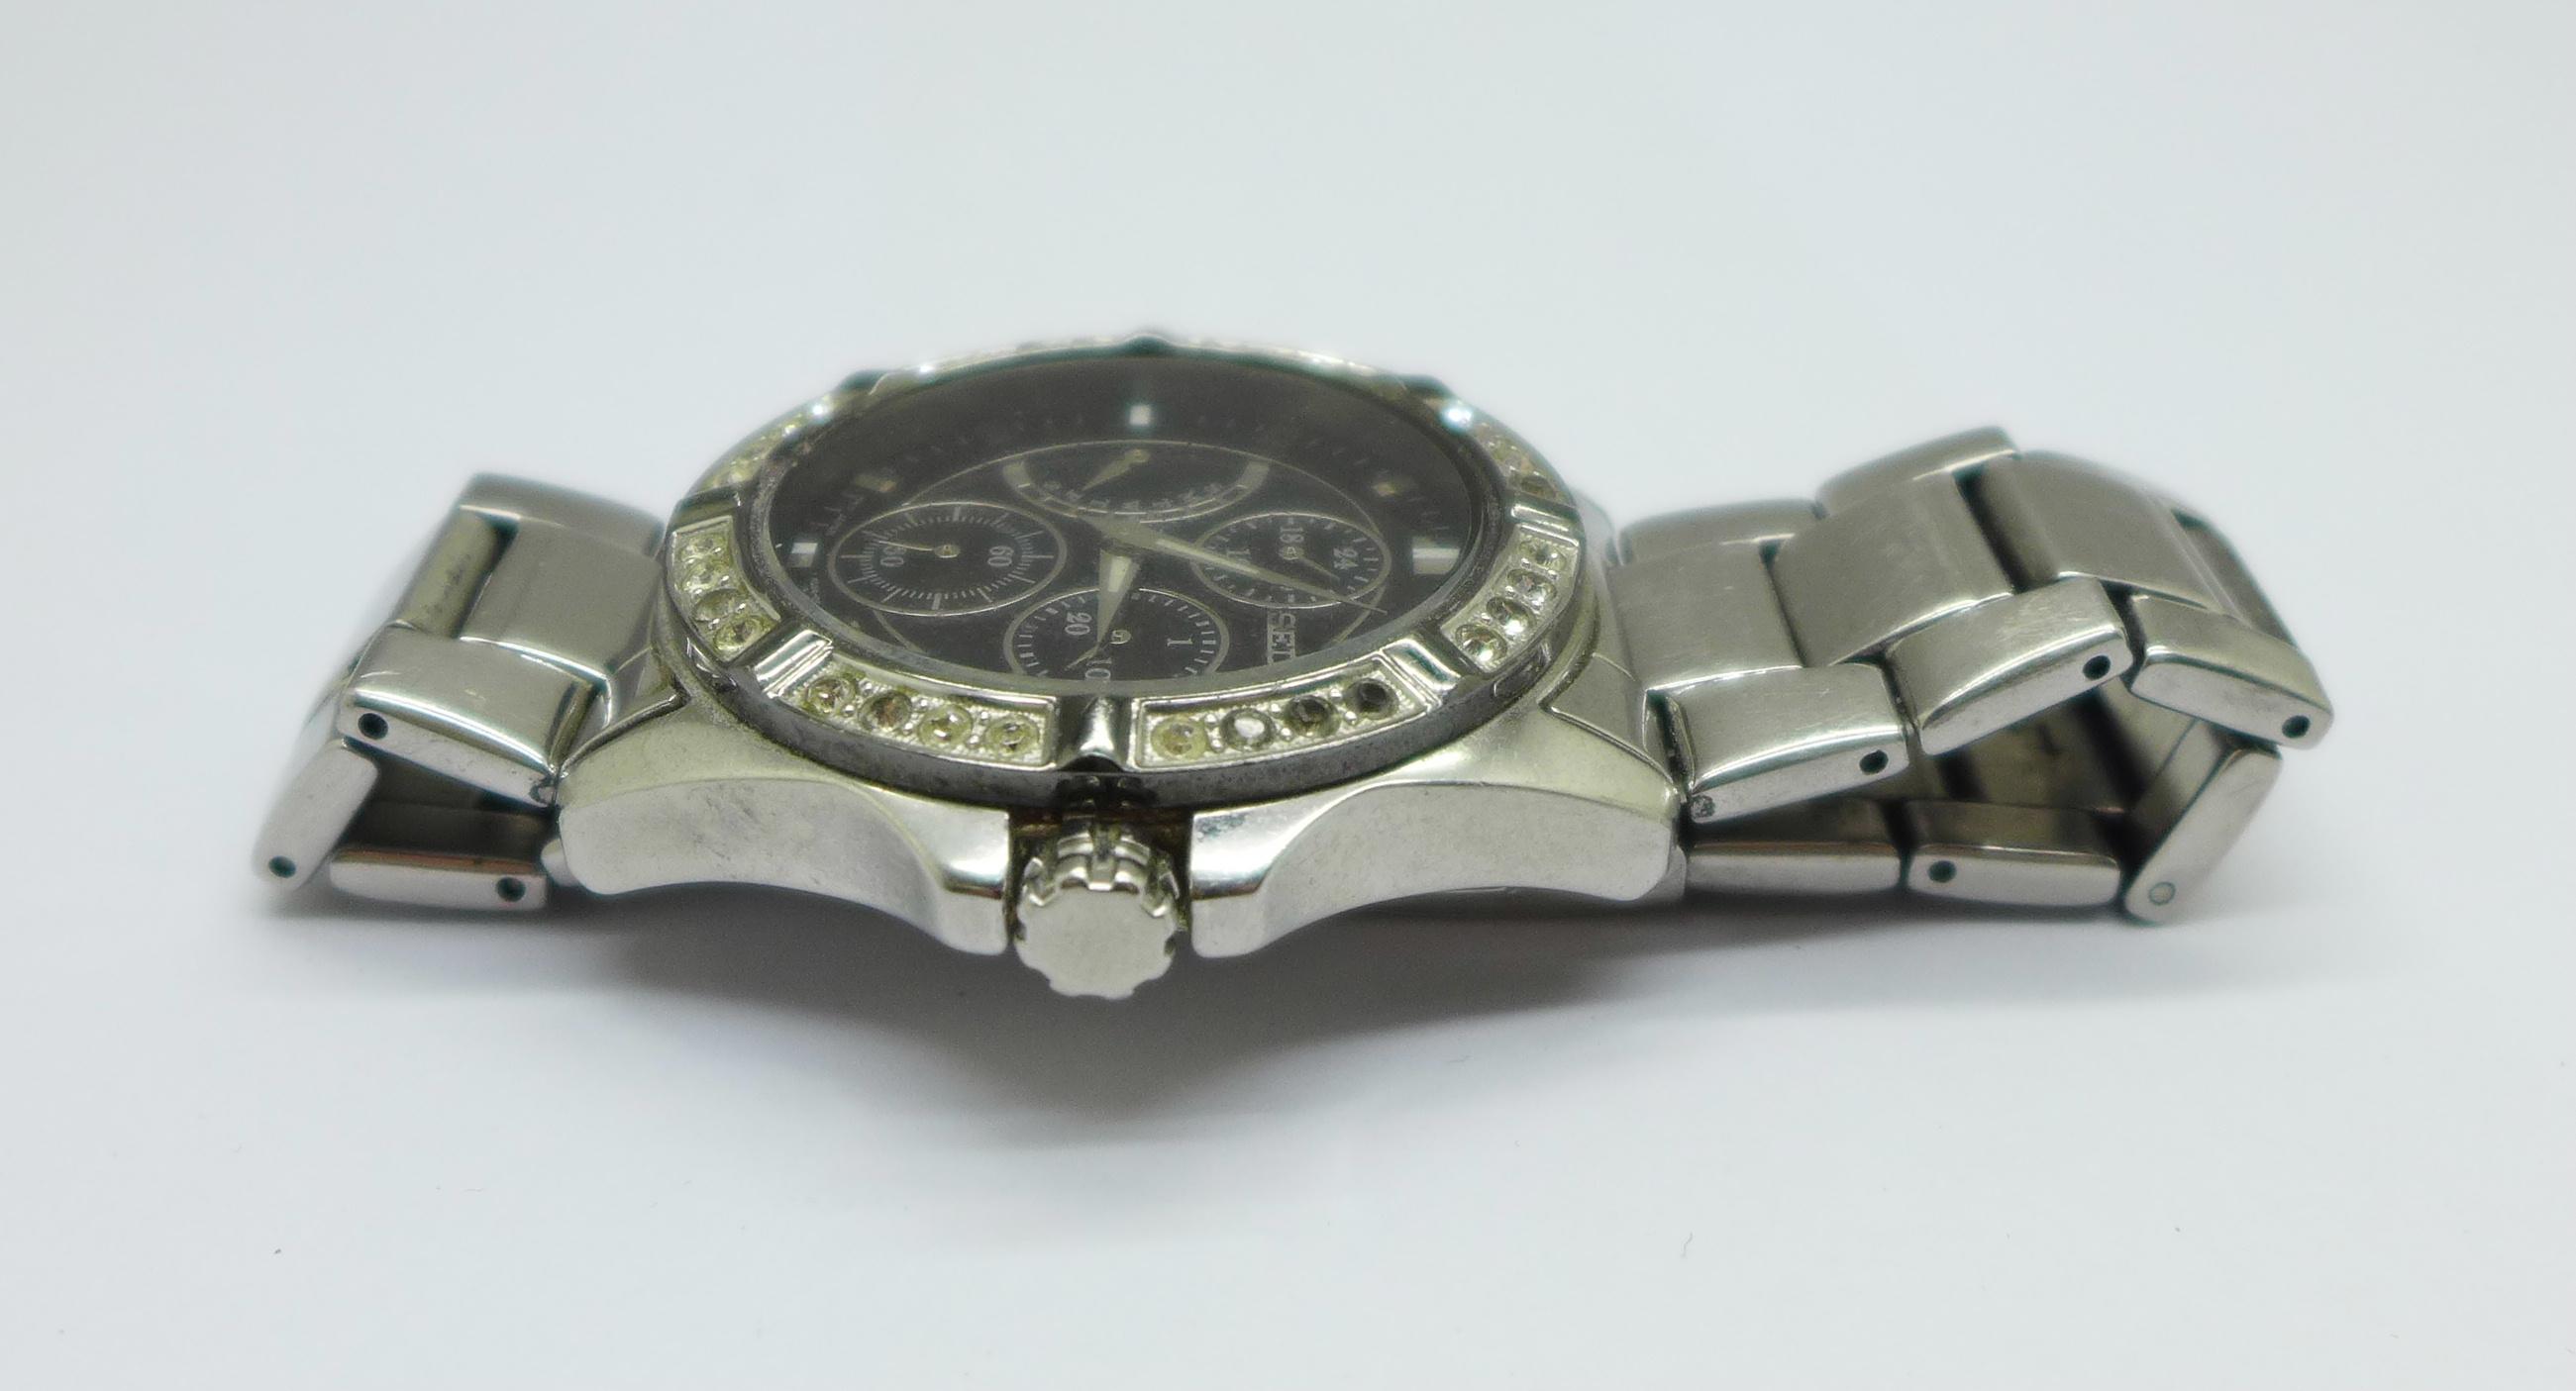 A Seiko multi dial wristwatch - Image 2 of 6